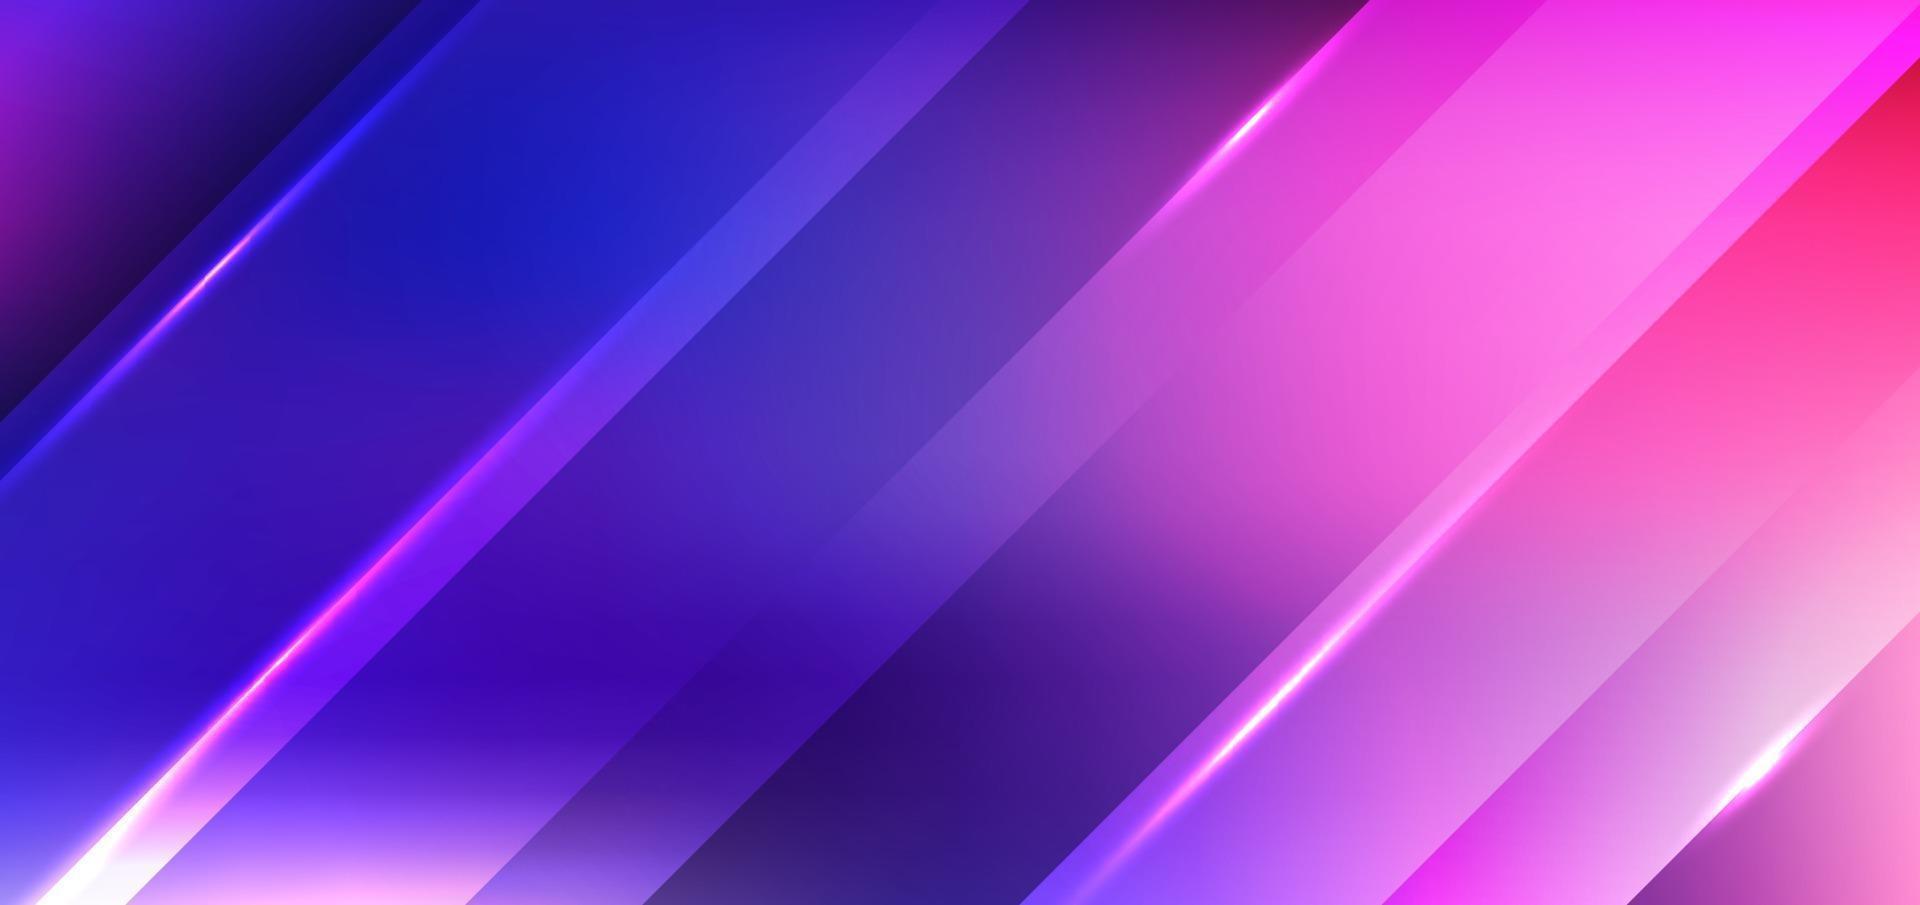 abstrakta diagonala ränder med ljusblå och rosa bakgrund och konsistens vektor